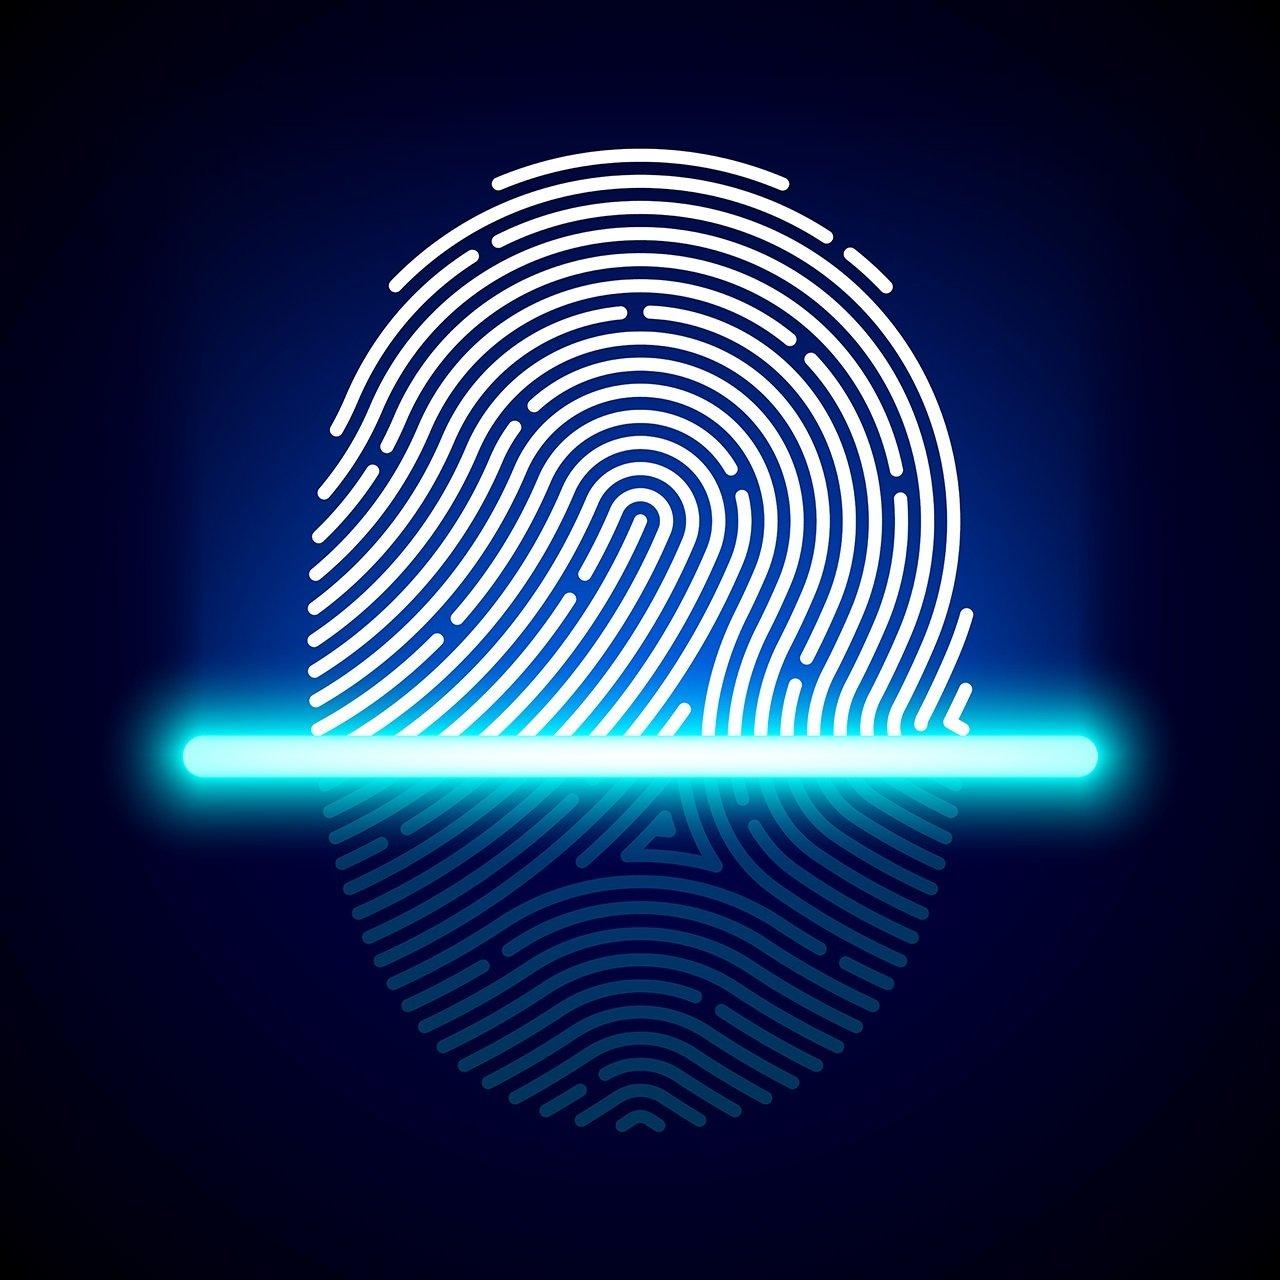 Одна измоделей Самсунг получит наэкранный сканер отпечатков пальцев?